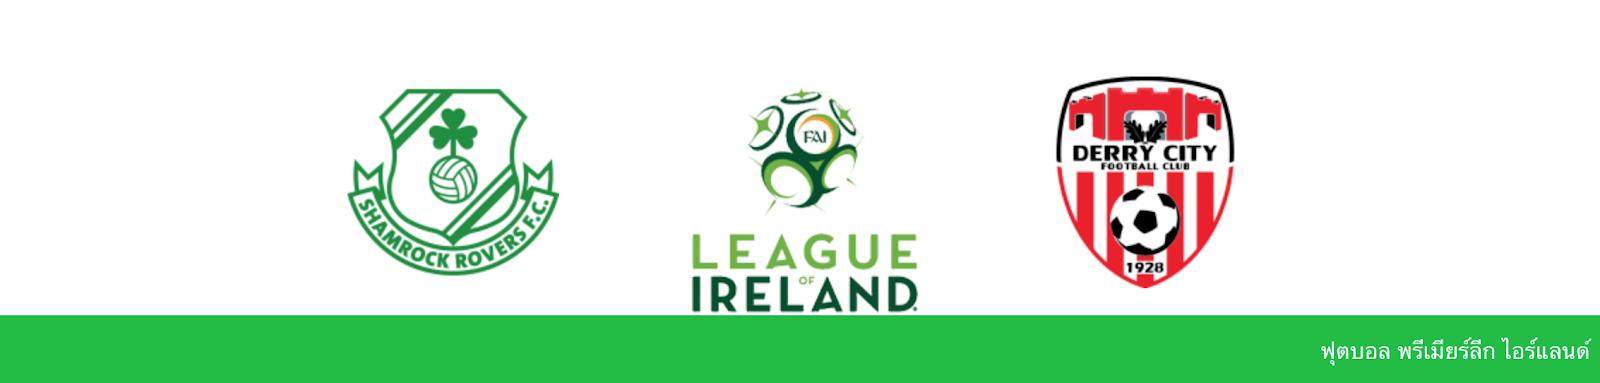 ผลบอล วิเคราะห์บอล ไอร์แลนด์ พรีเมียร์ลีก ระหว่าง แชมร็อค vs เดอร์รี่ ซิตี้